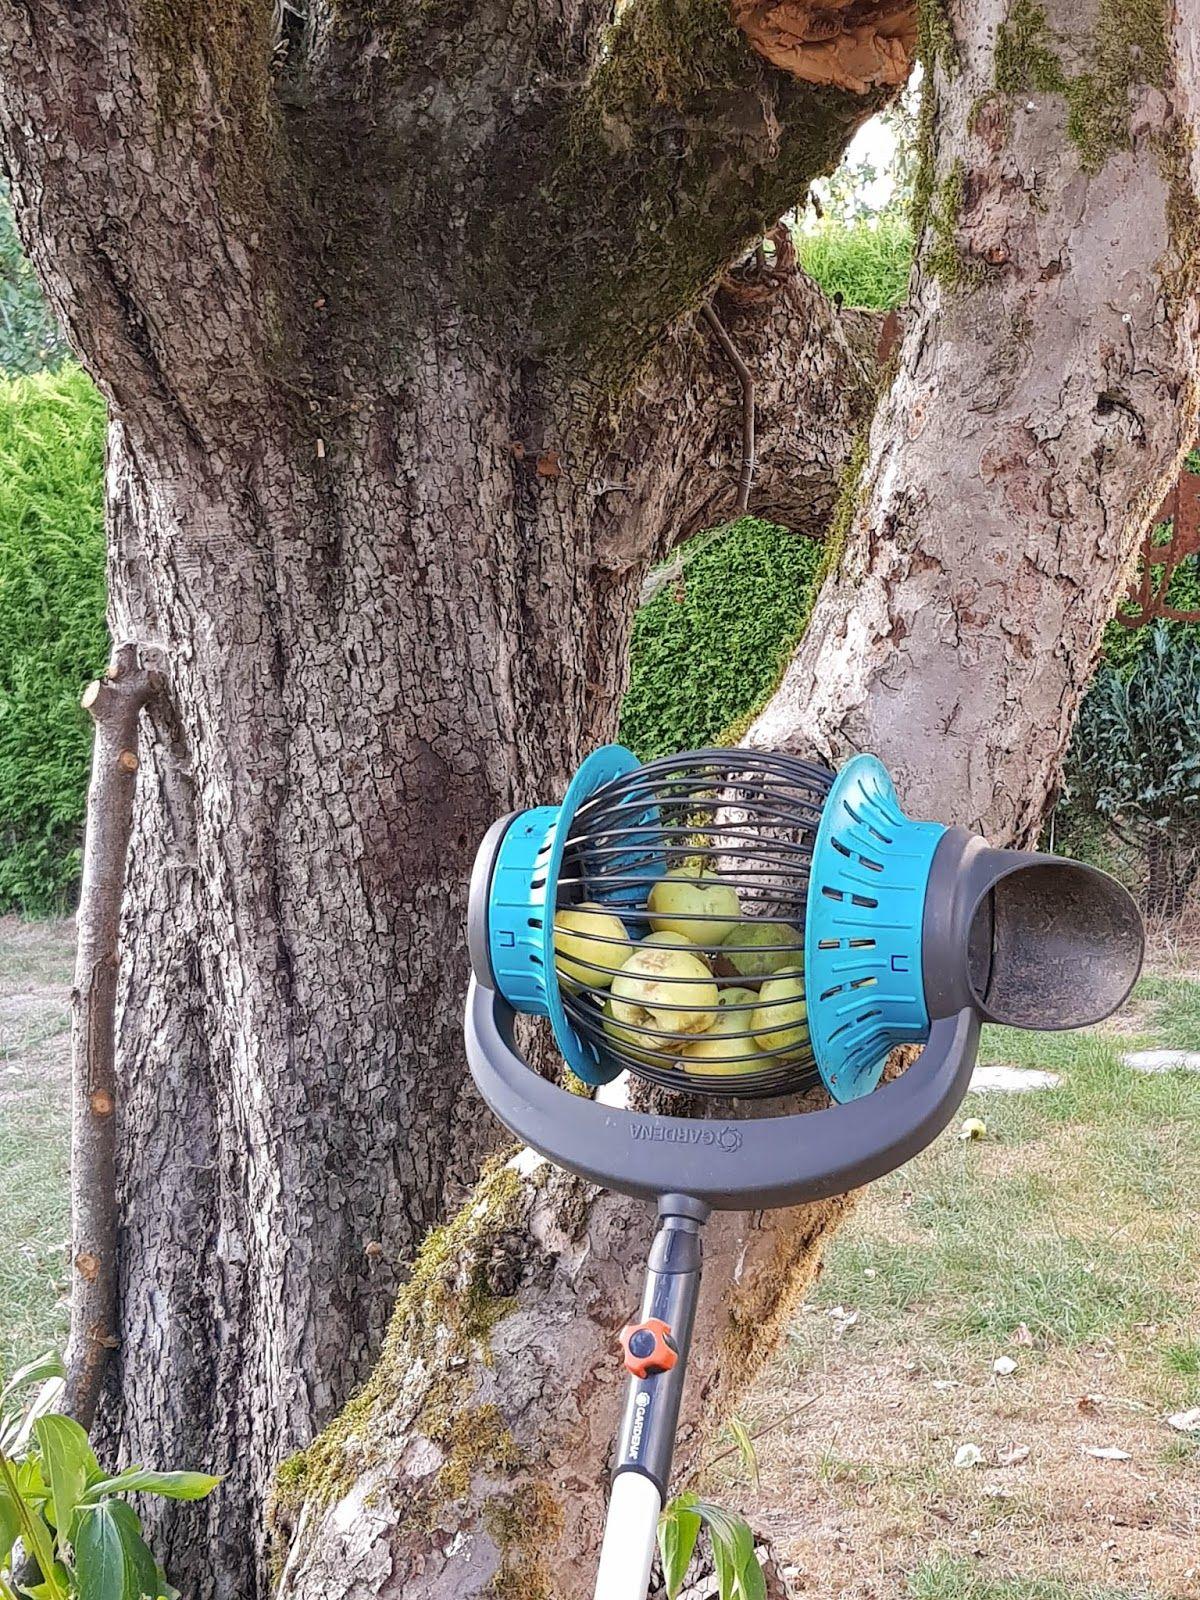 tipp zum Äpfel sammeln leicht gemacht mit dem rollsammler